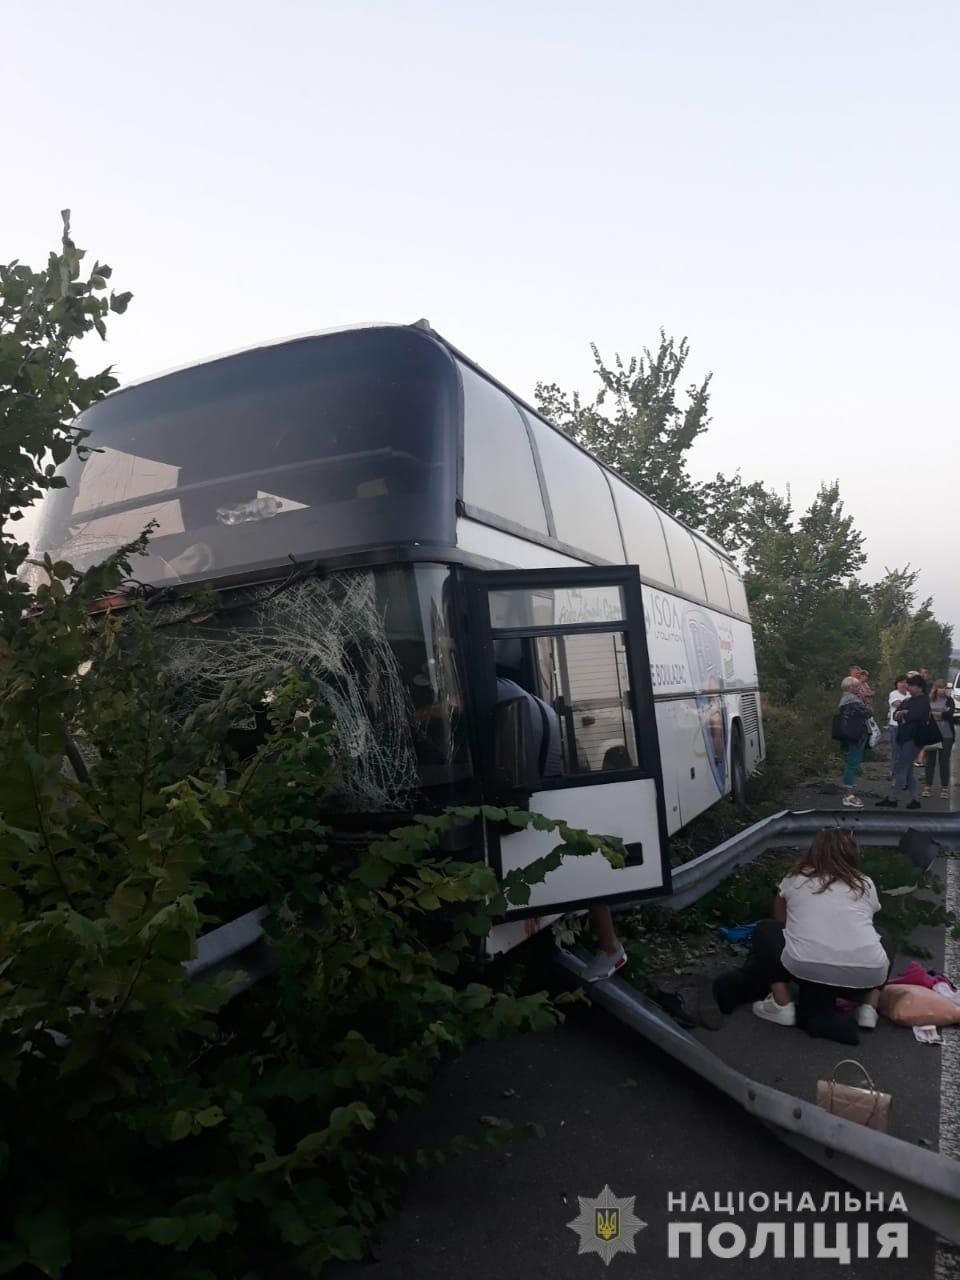 На Харьковщине в аварию попал пассажирский автобус: в салоне было 25 человек (фото)